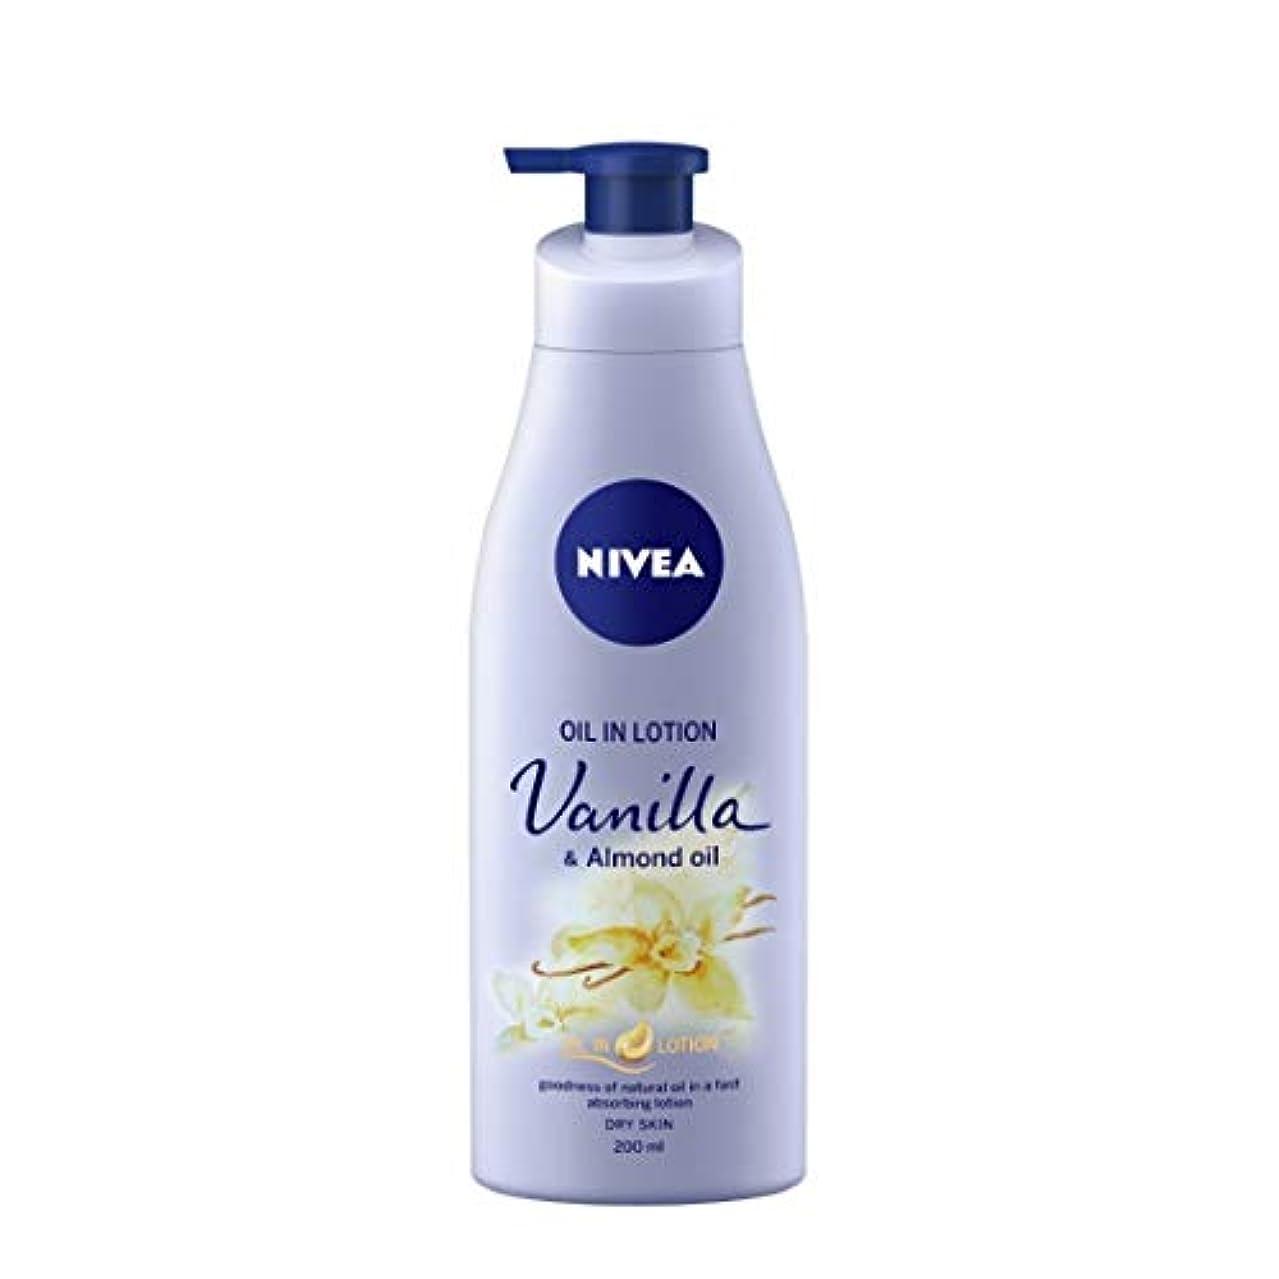 隔離する一晩次NIVEA Oil in Lotion, Vanilla and Almond Oil, 200ml